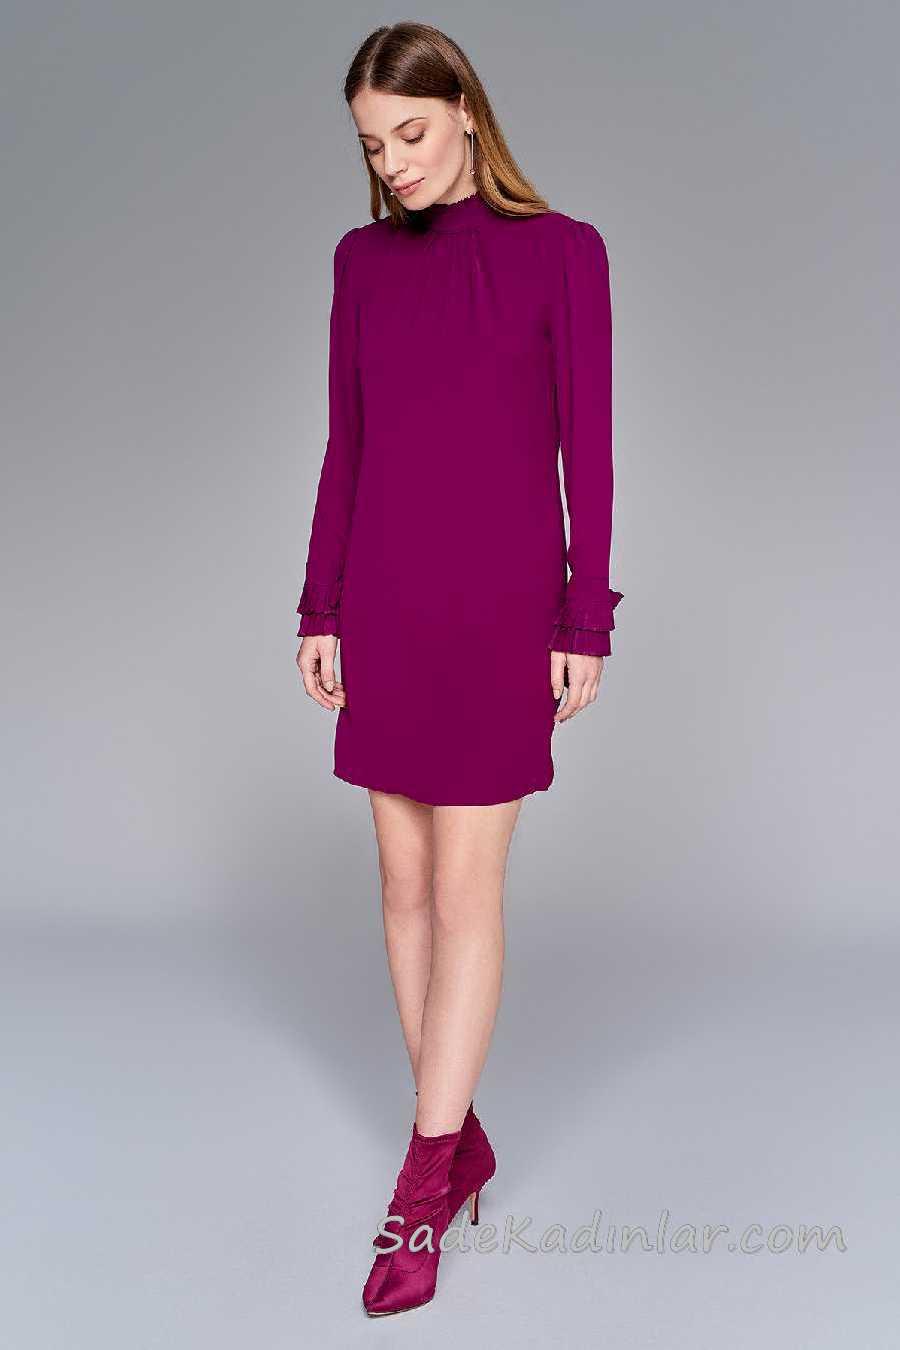 2020 Mürdüm Abiye Elbise Modelleri Kısa Uzun Kollu Yakası ve Kolları Fırfırlı